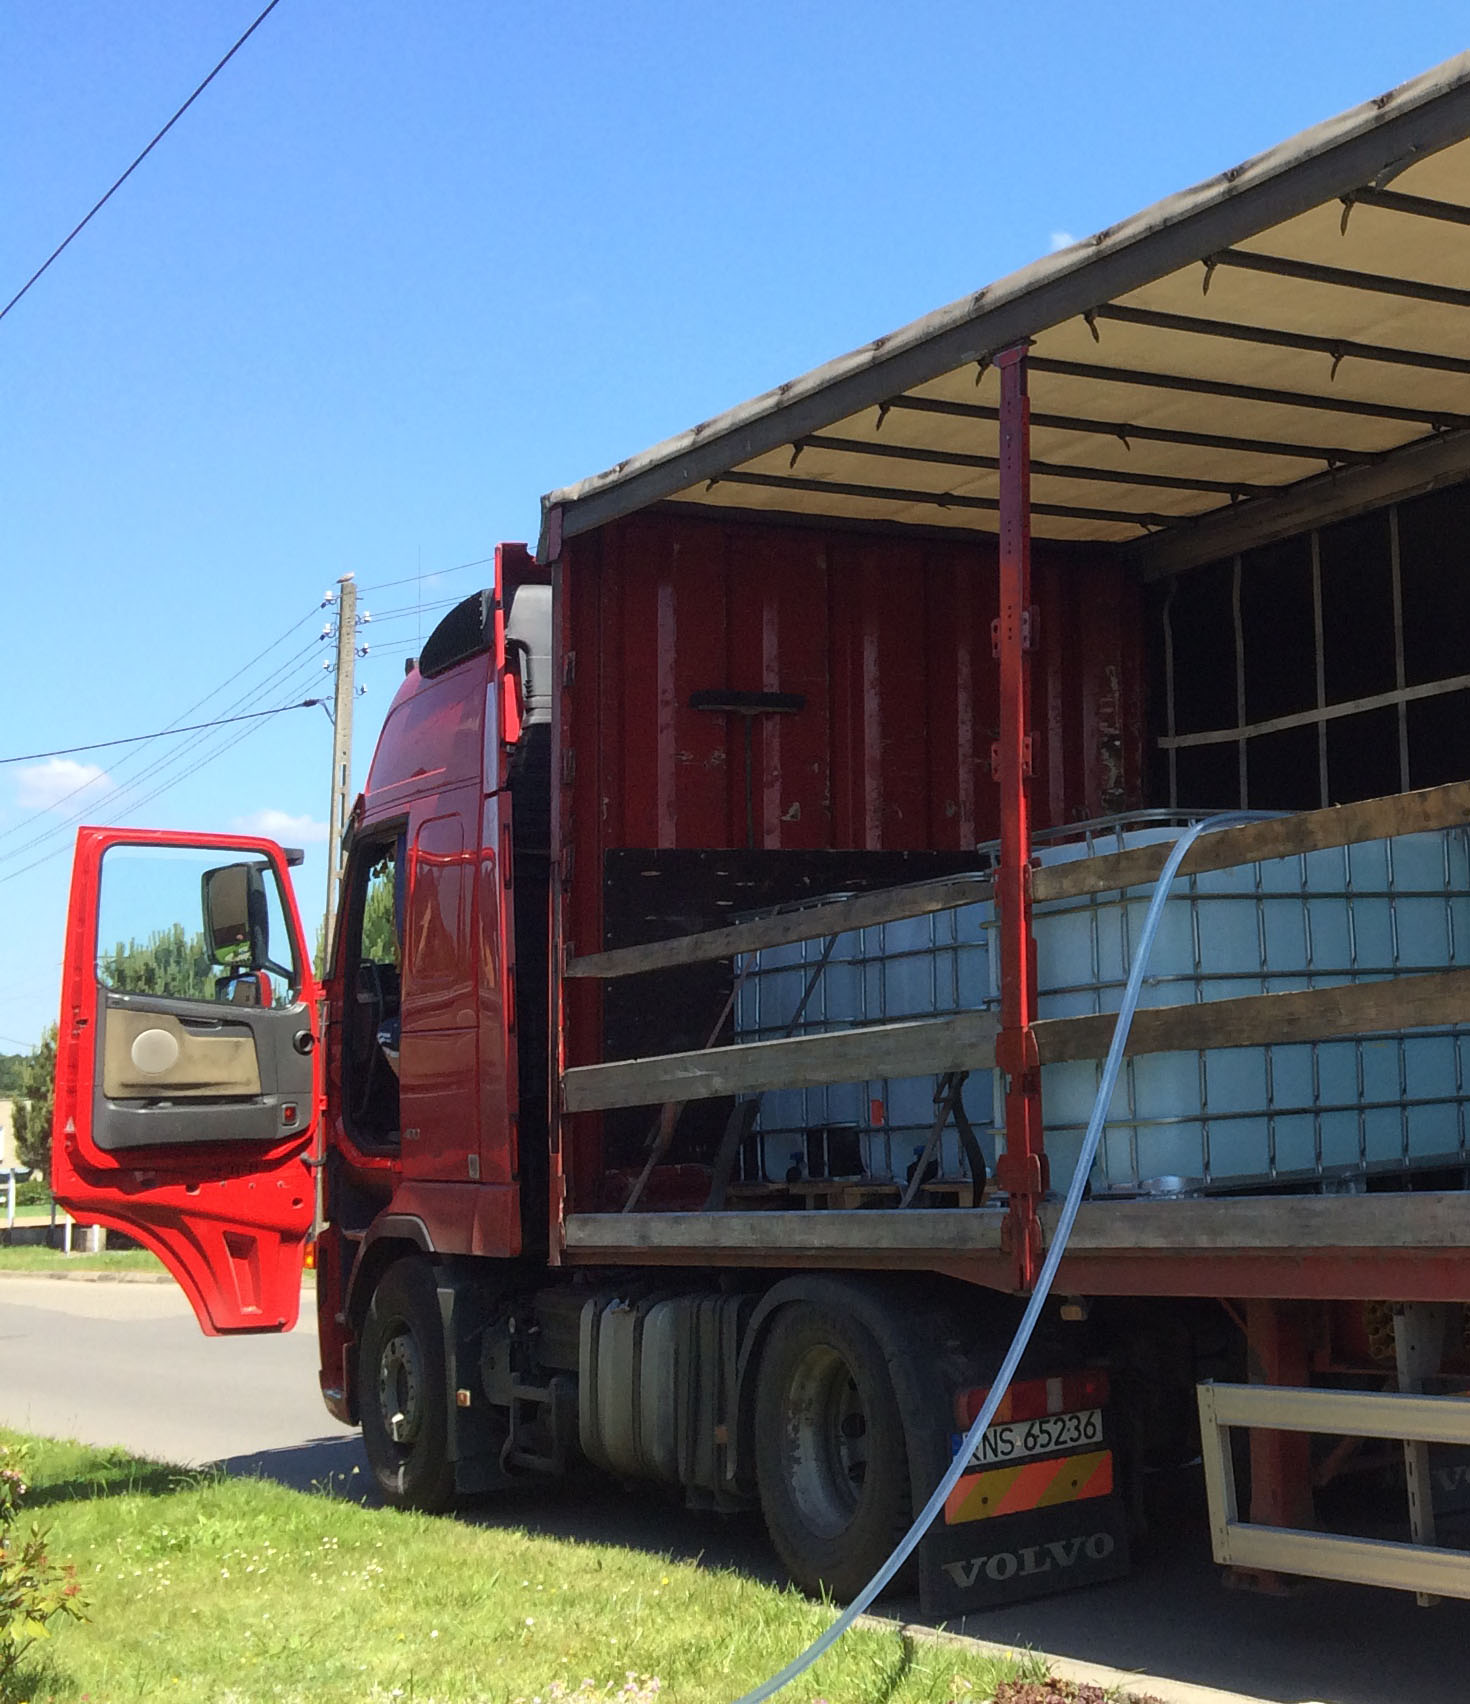 Produkujemy dostarczamy wodę demineralizowaną na terenie całej Polski